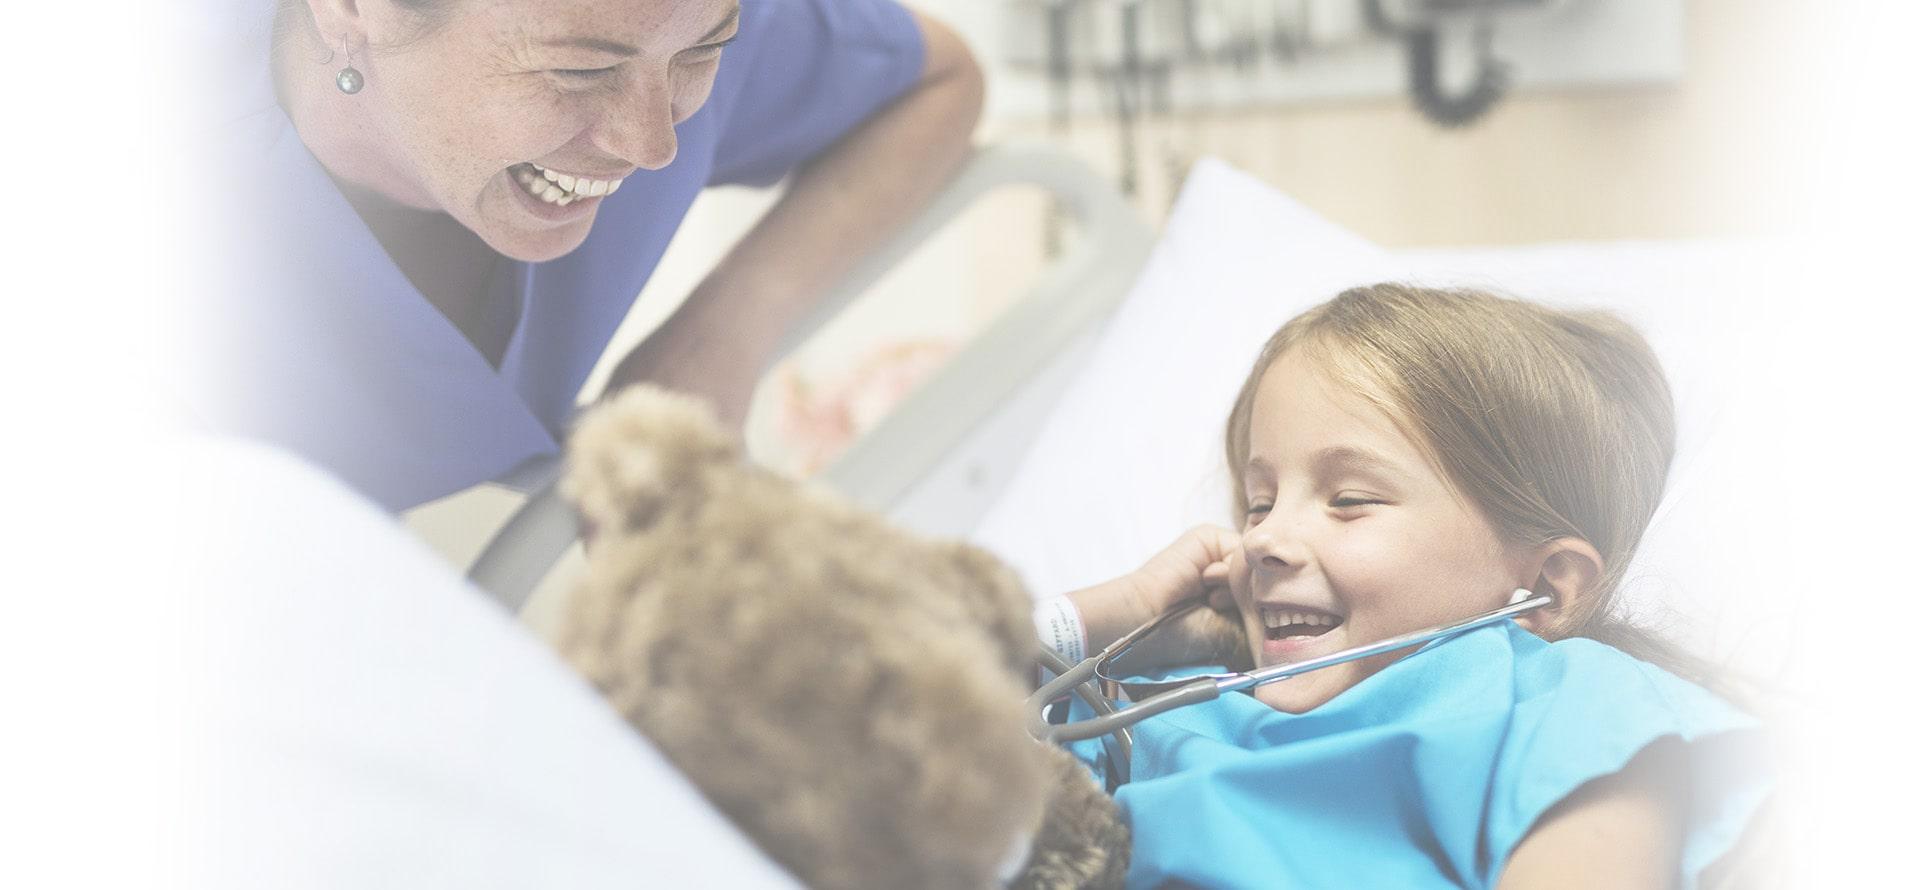 Una sanitaria y una niña sonriendo